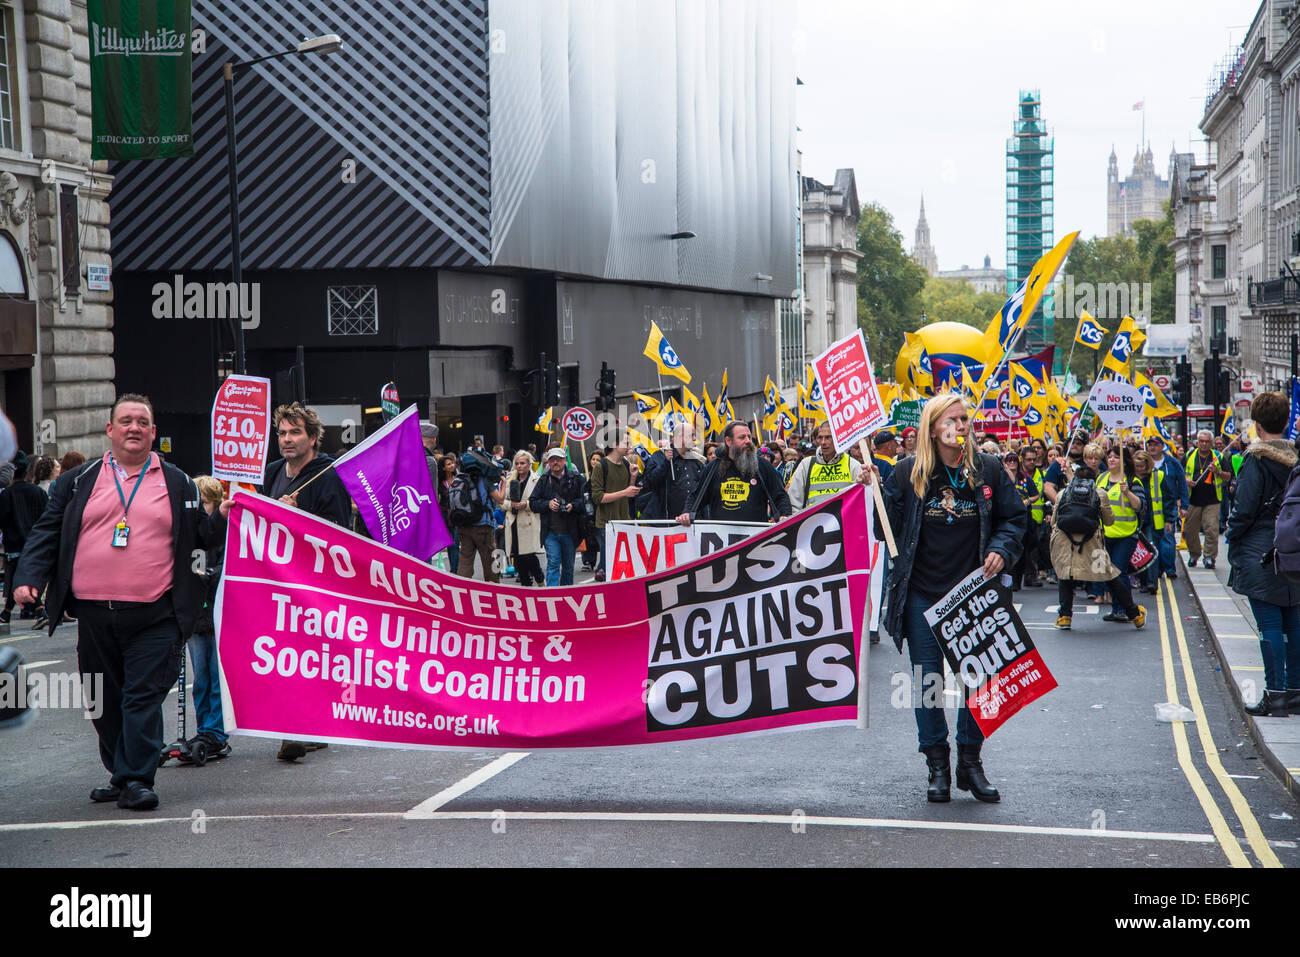 Großbritannien braucht eine März Zahlen steigen, Gewerkschafter & sozialistischen Koalition, Tusc, Stockbild